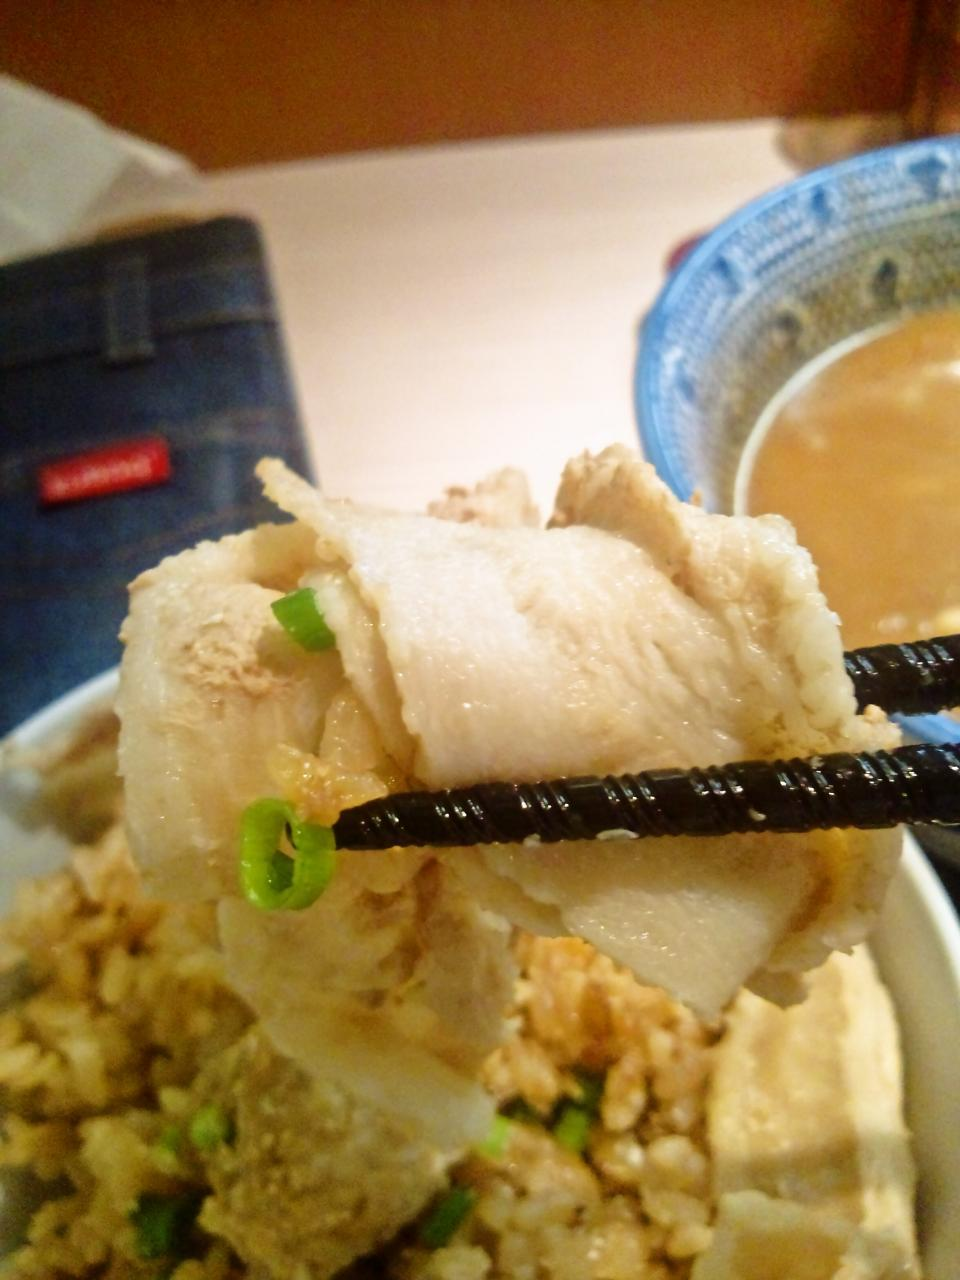 らー麺土俵 鶴嶺峰(横綱)